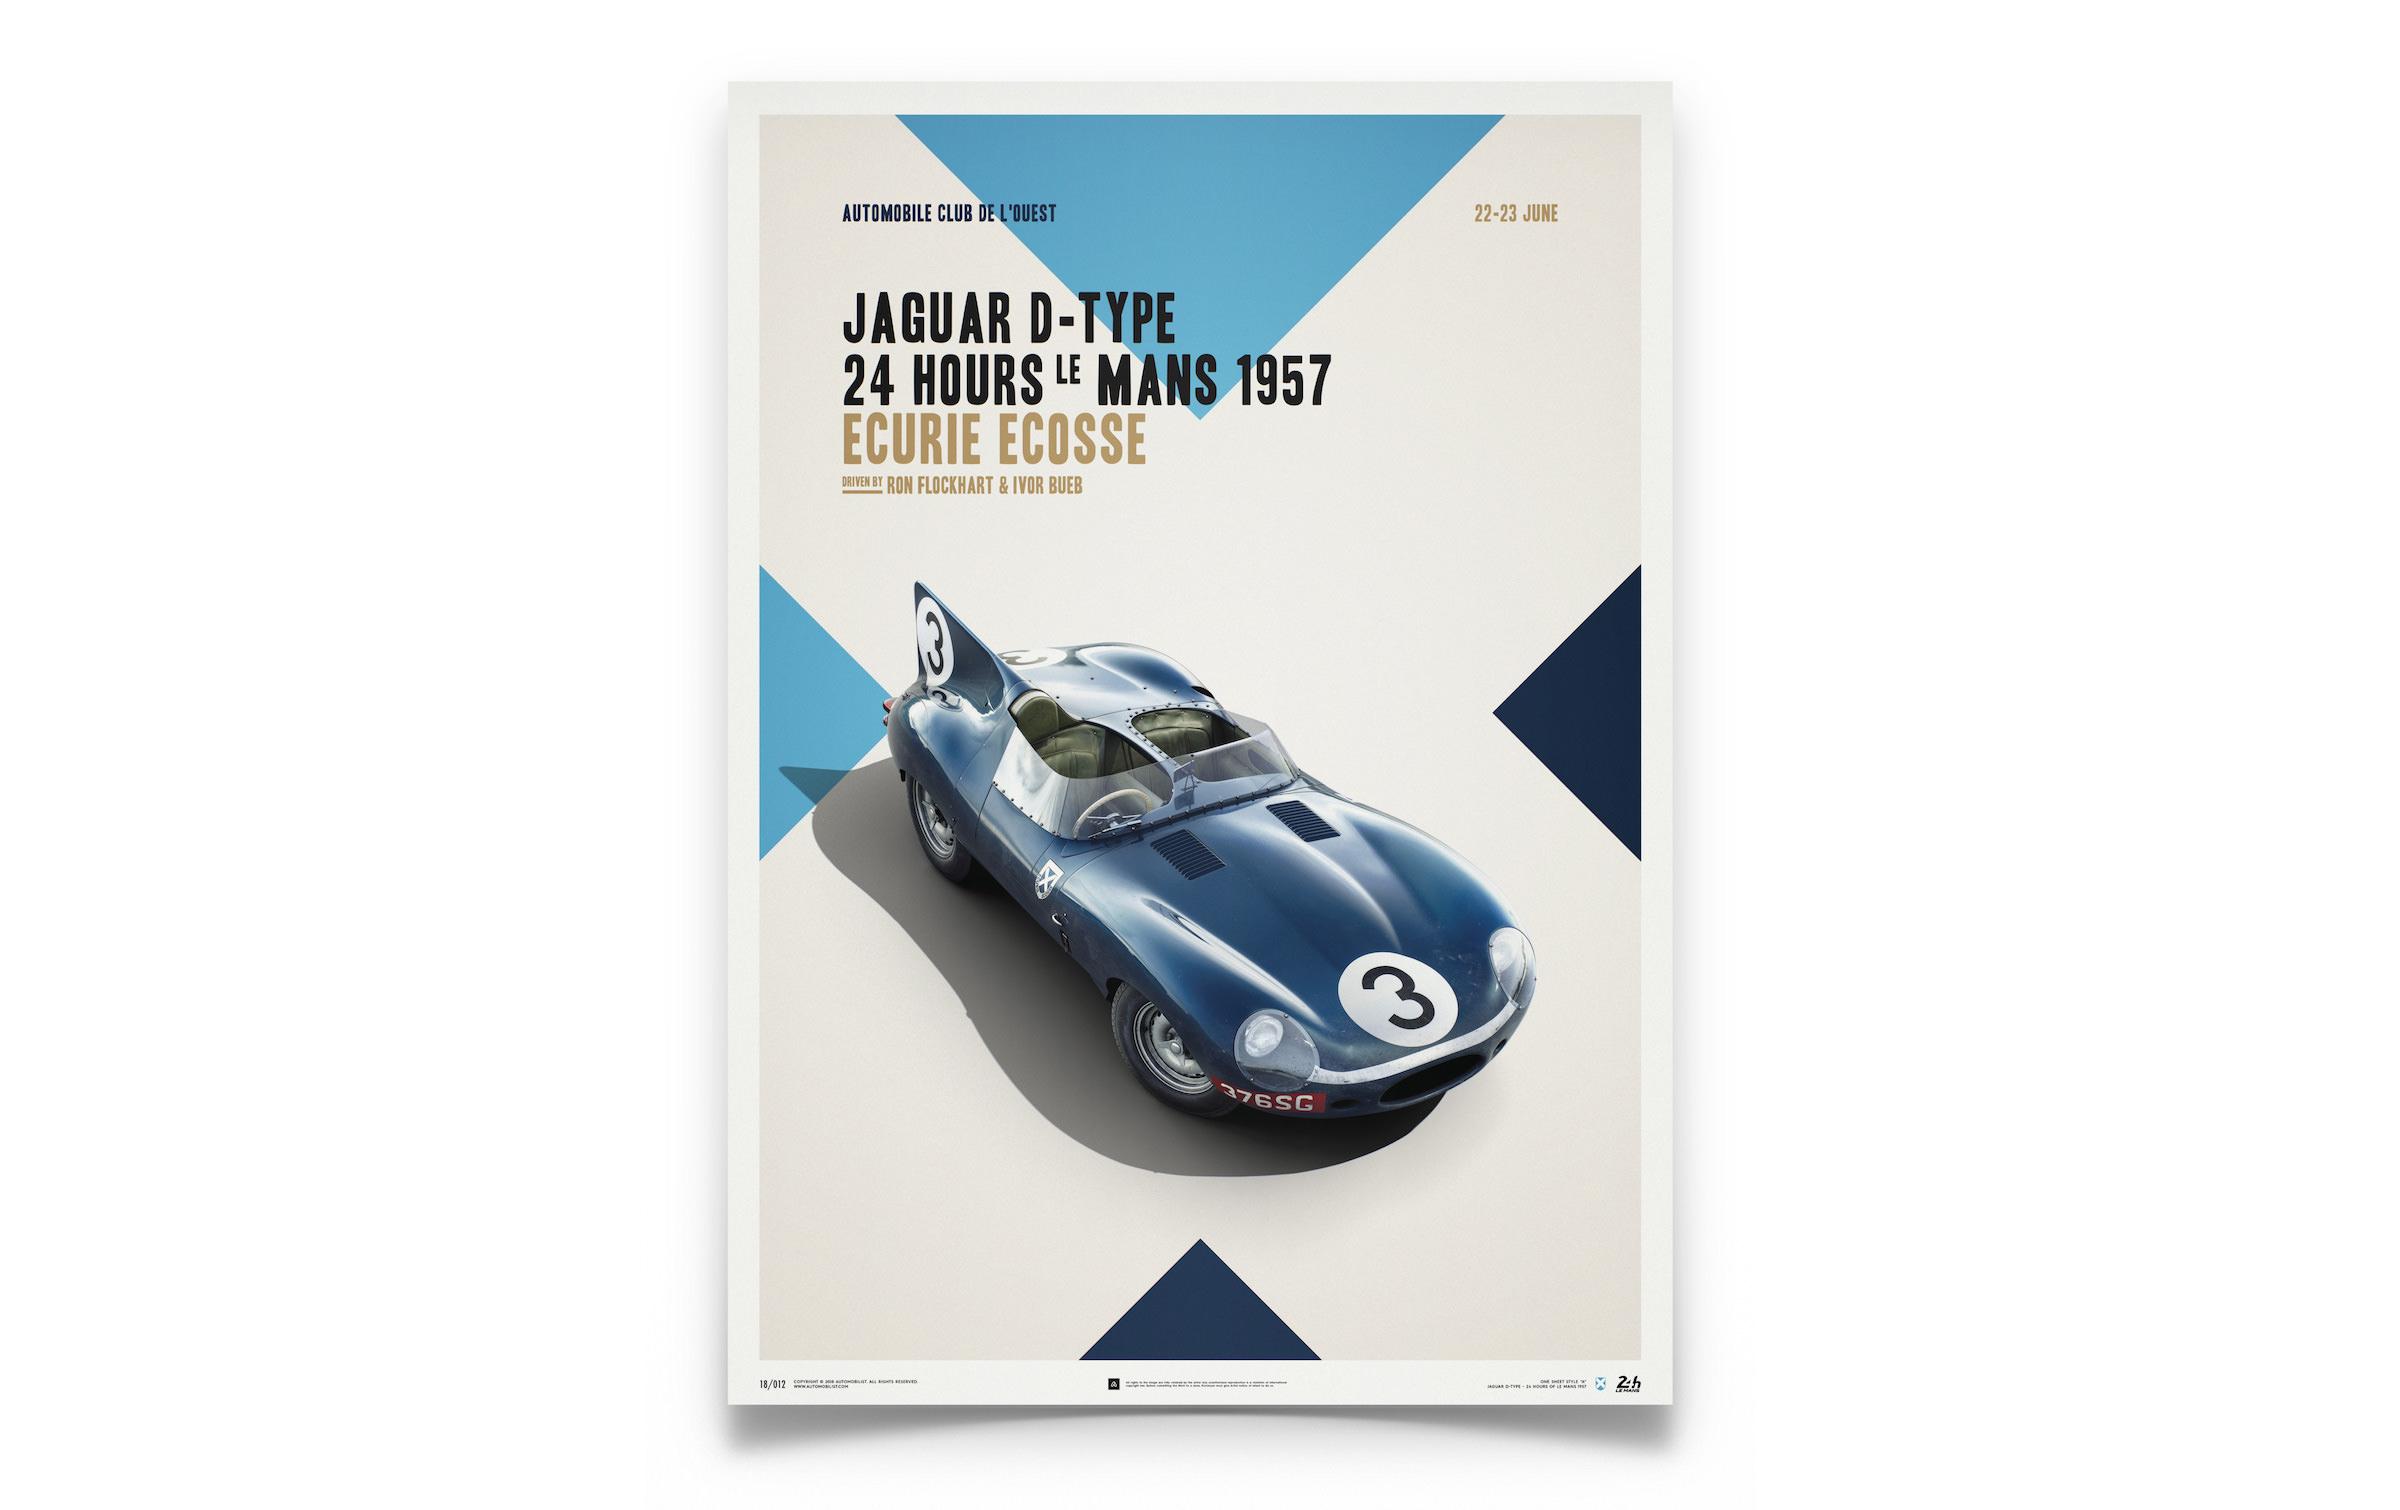 Le Mans Winning Ecurie Ecosse Jaguar D-Type